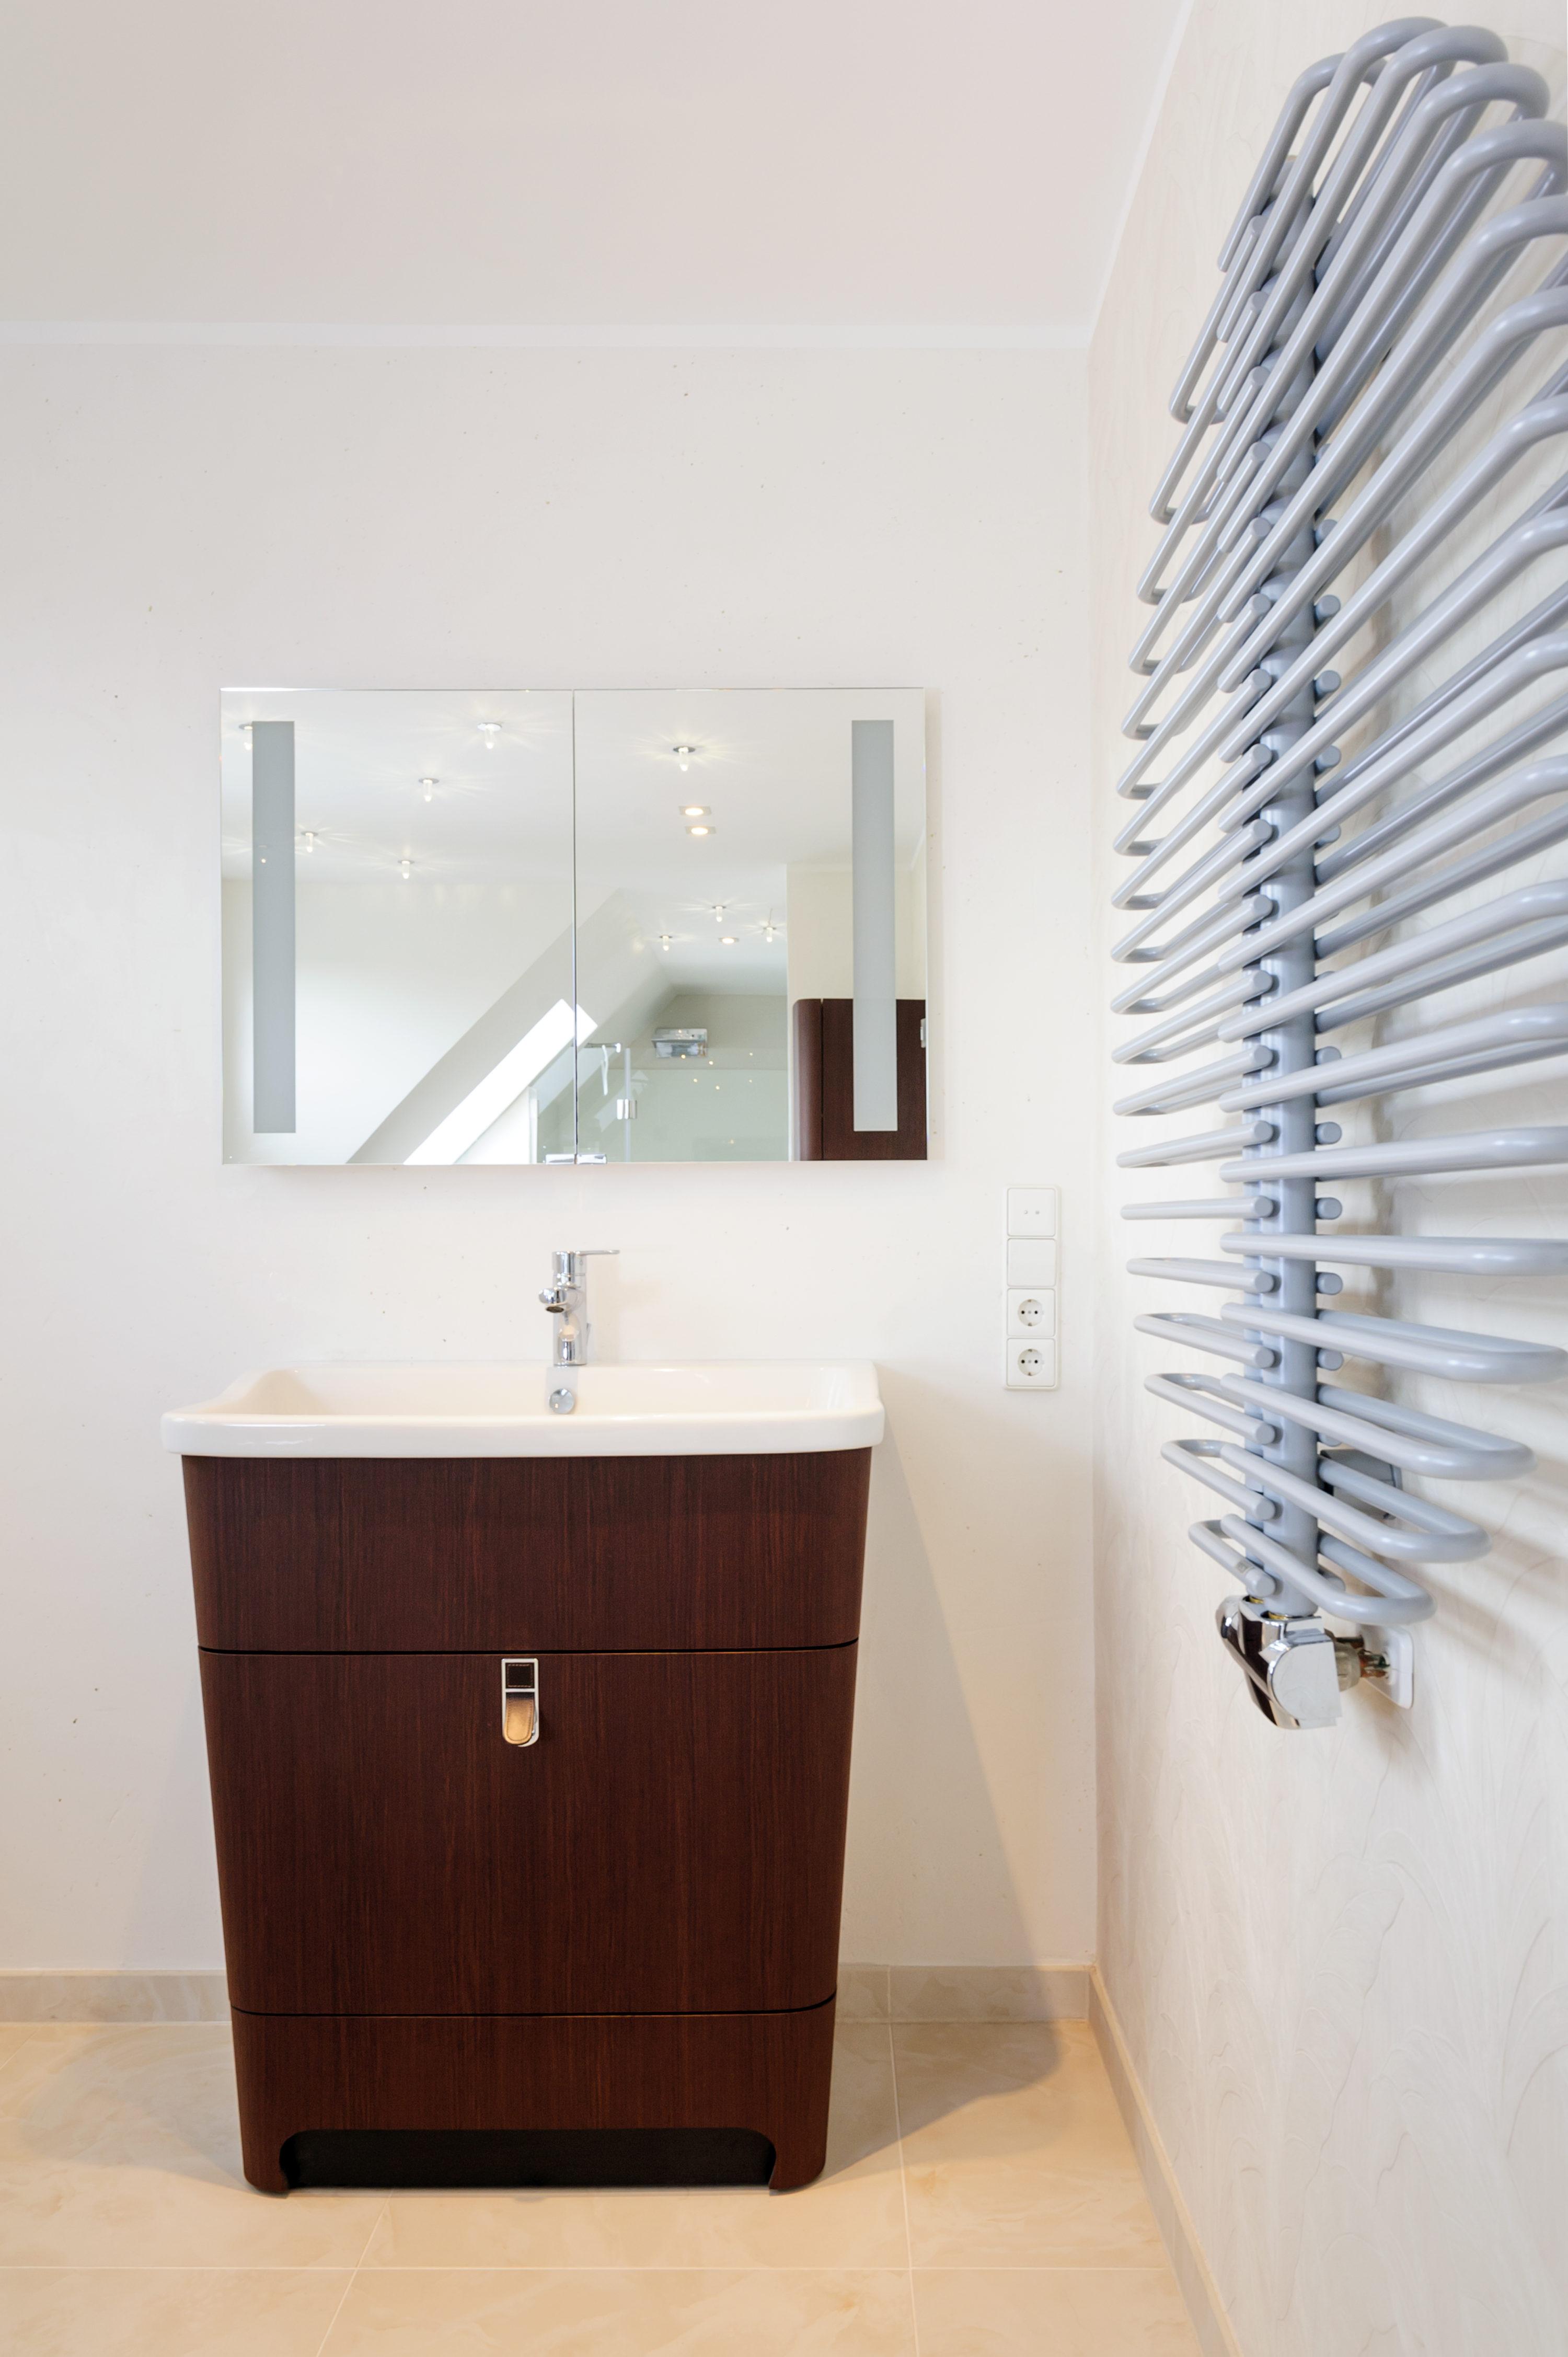 wedetherm glasduschen spiegel glaskunst glasd cher fenster ihr glas fachbetrieb im raum. Black Bedroom Furniture Sets. Home Design Ideas